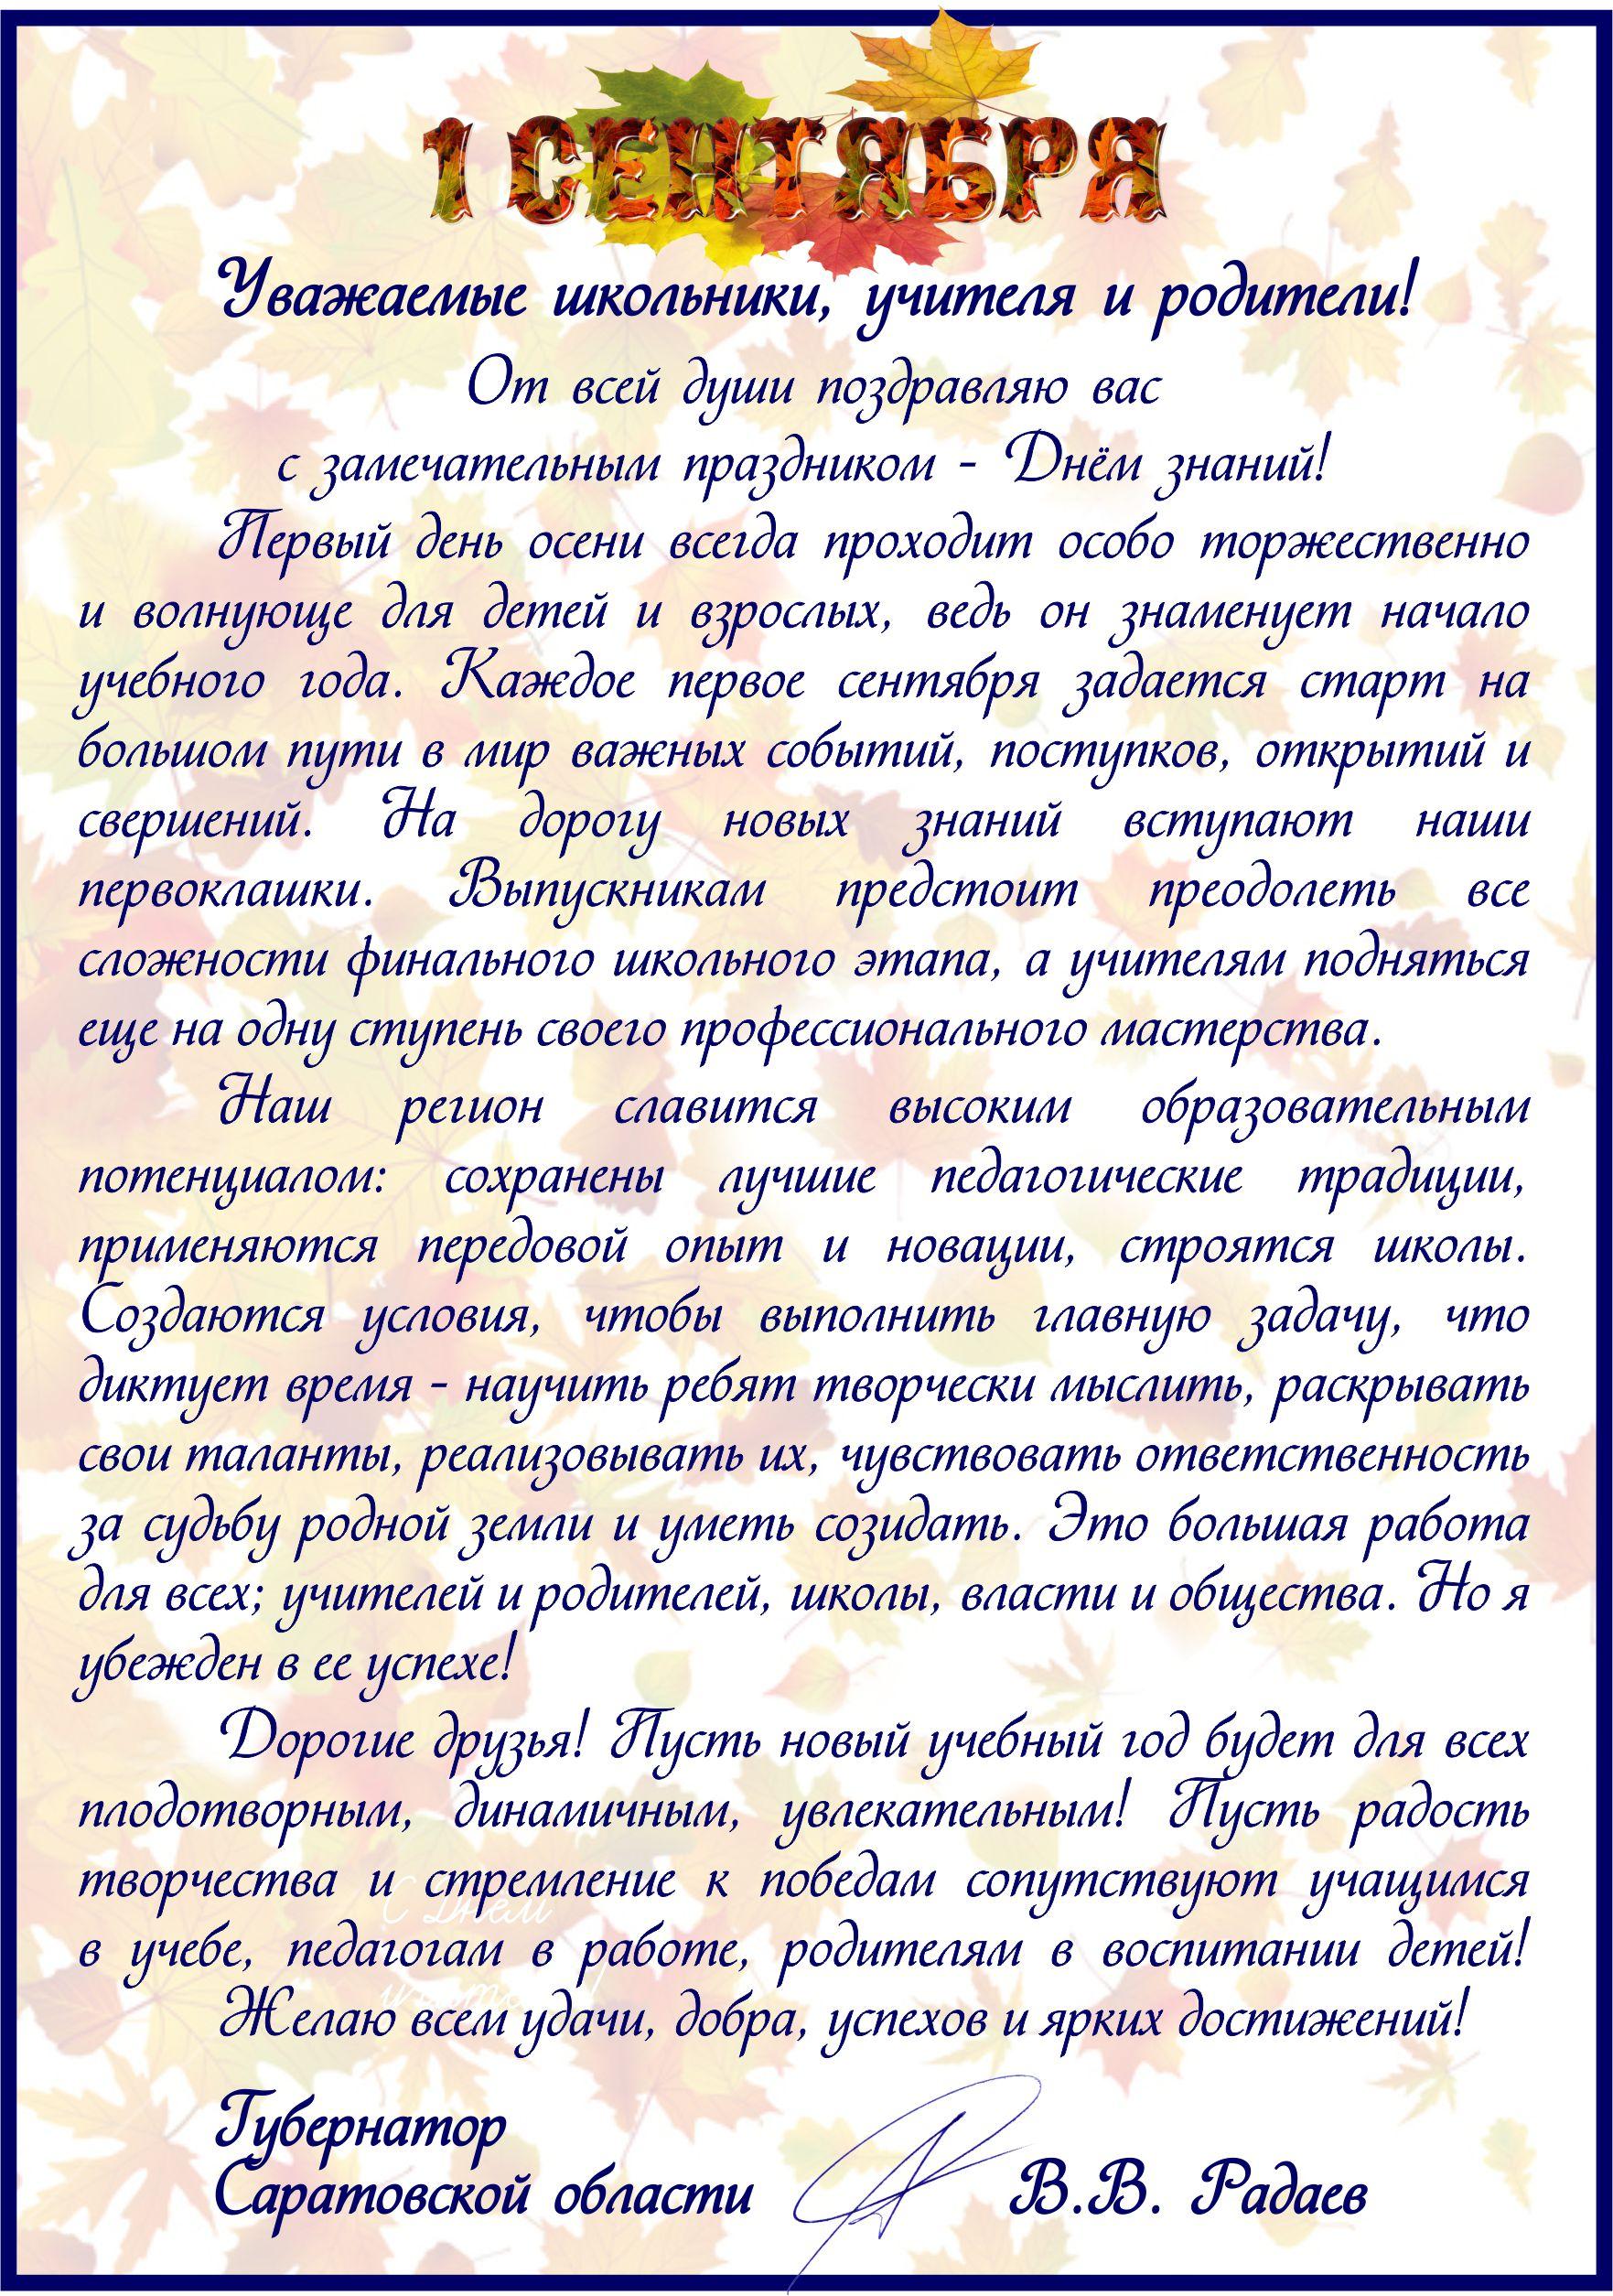 Поздравление губернатору с 1 сентября 63